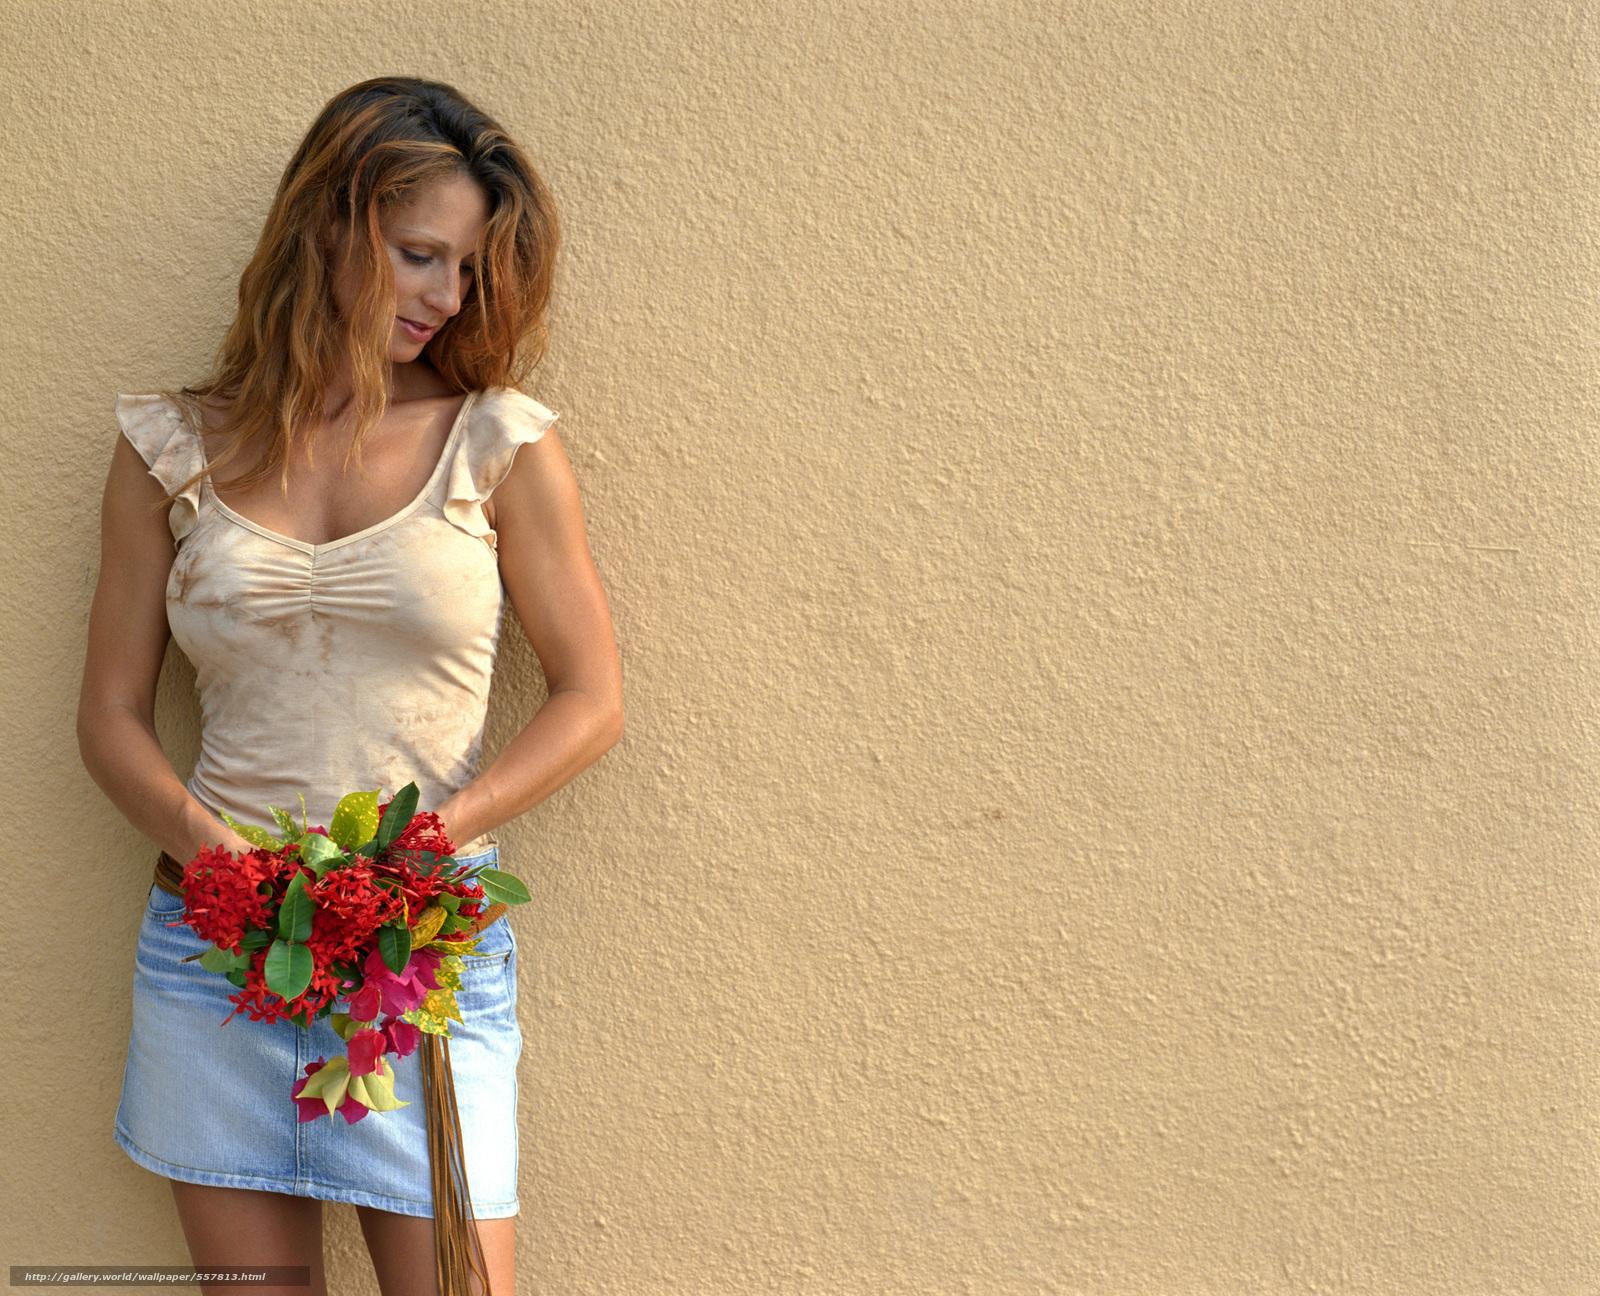 pobra tapety brązowe włosy,  tło,  Kwiaty Darmowe tapety na pulpit rozdzielczoci 4688x3797 — zdjcie №557813